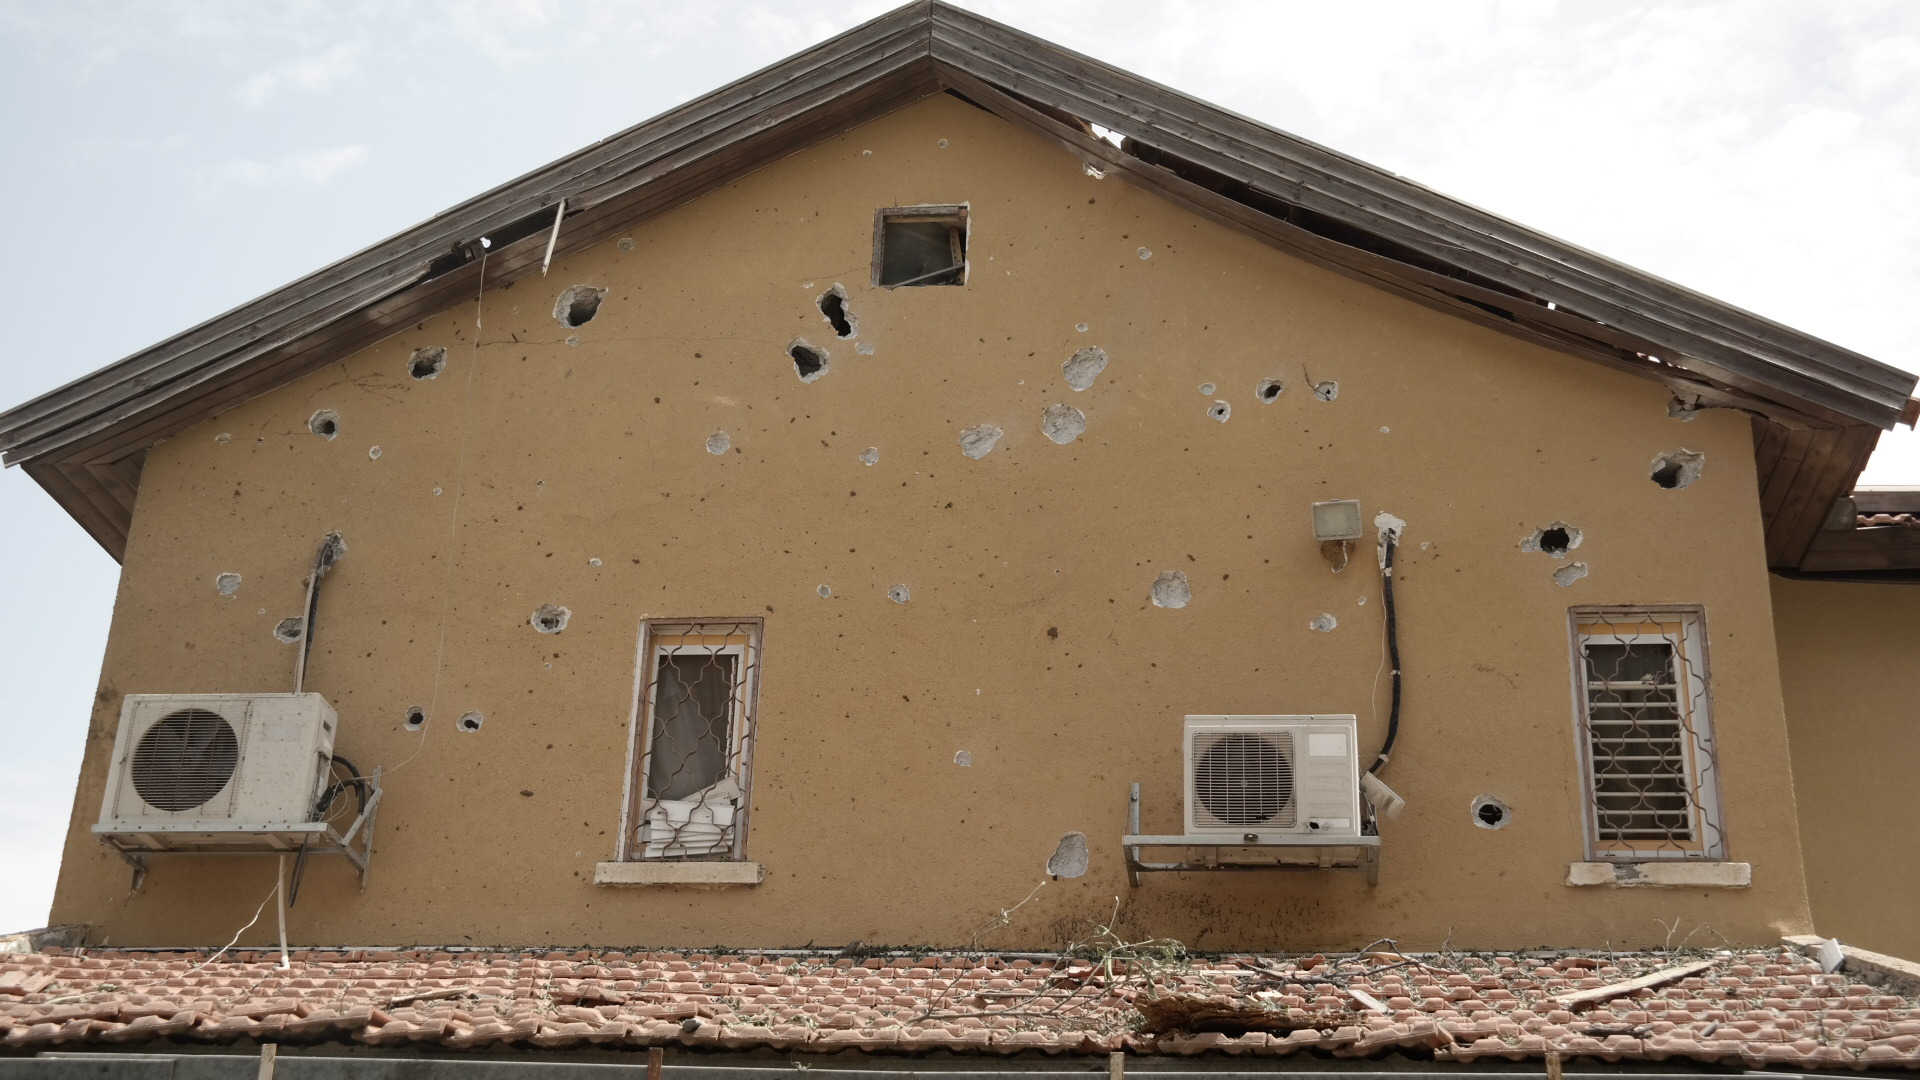 Ашкелон. Дом, подвергшийся ракетному обстрелу. Фото Елены Шафран